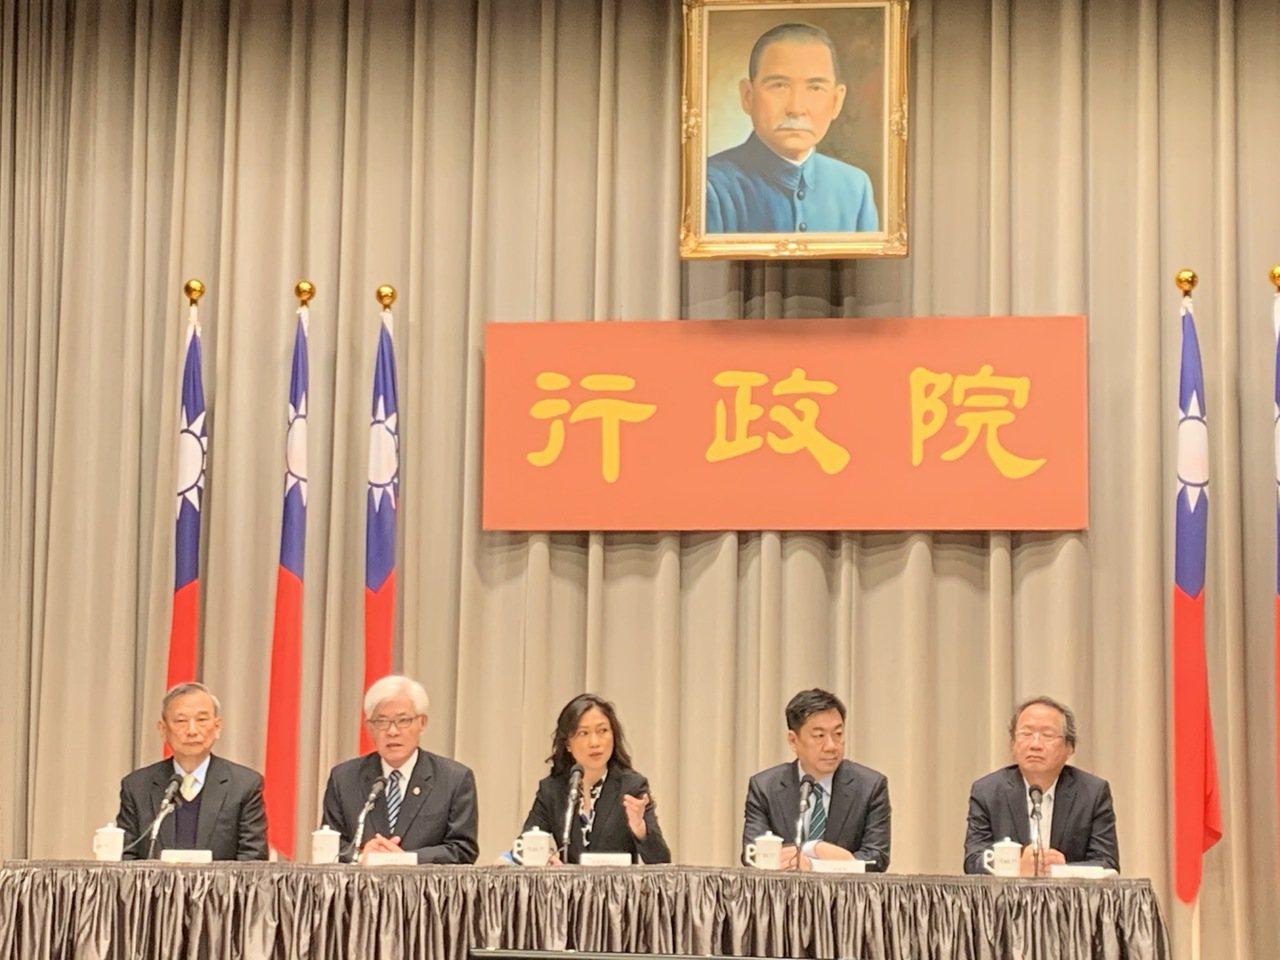 距離總統及立委選舉只剩30天,行政院長蘇貞昌今天在院會聽取「第15任總統副總統及...